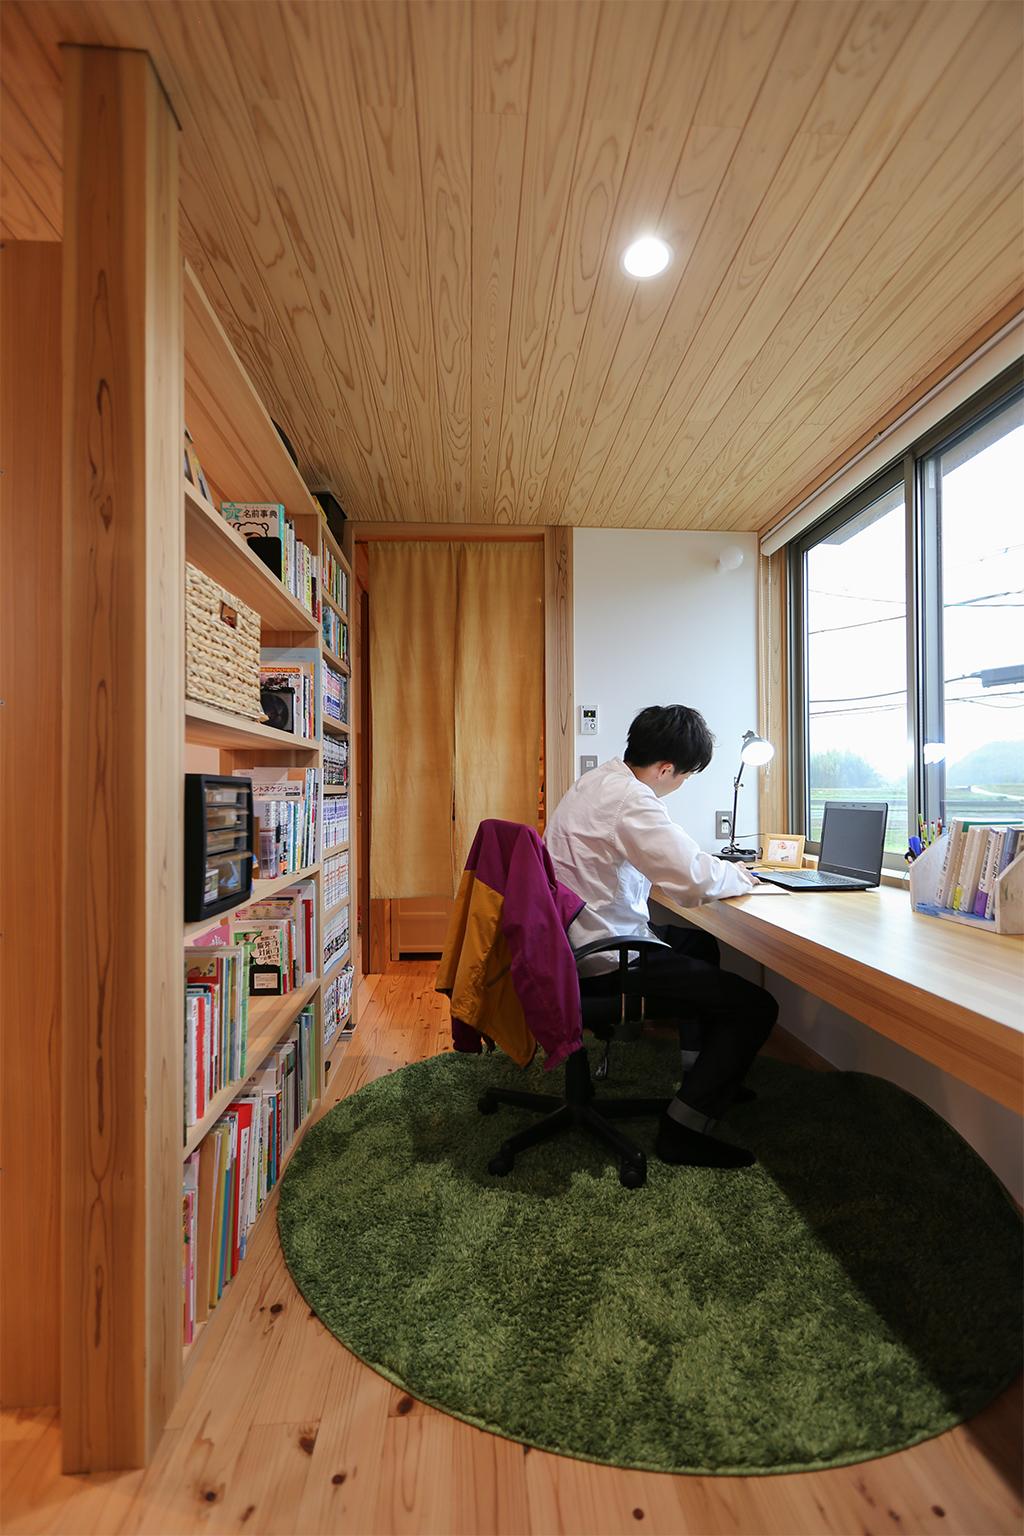 姫路市の木の家 仕事にも趣味にも使えるワークスペース